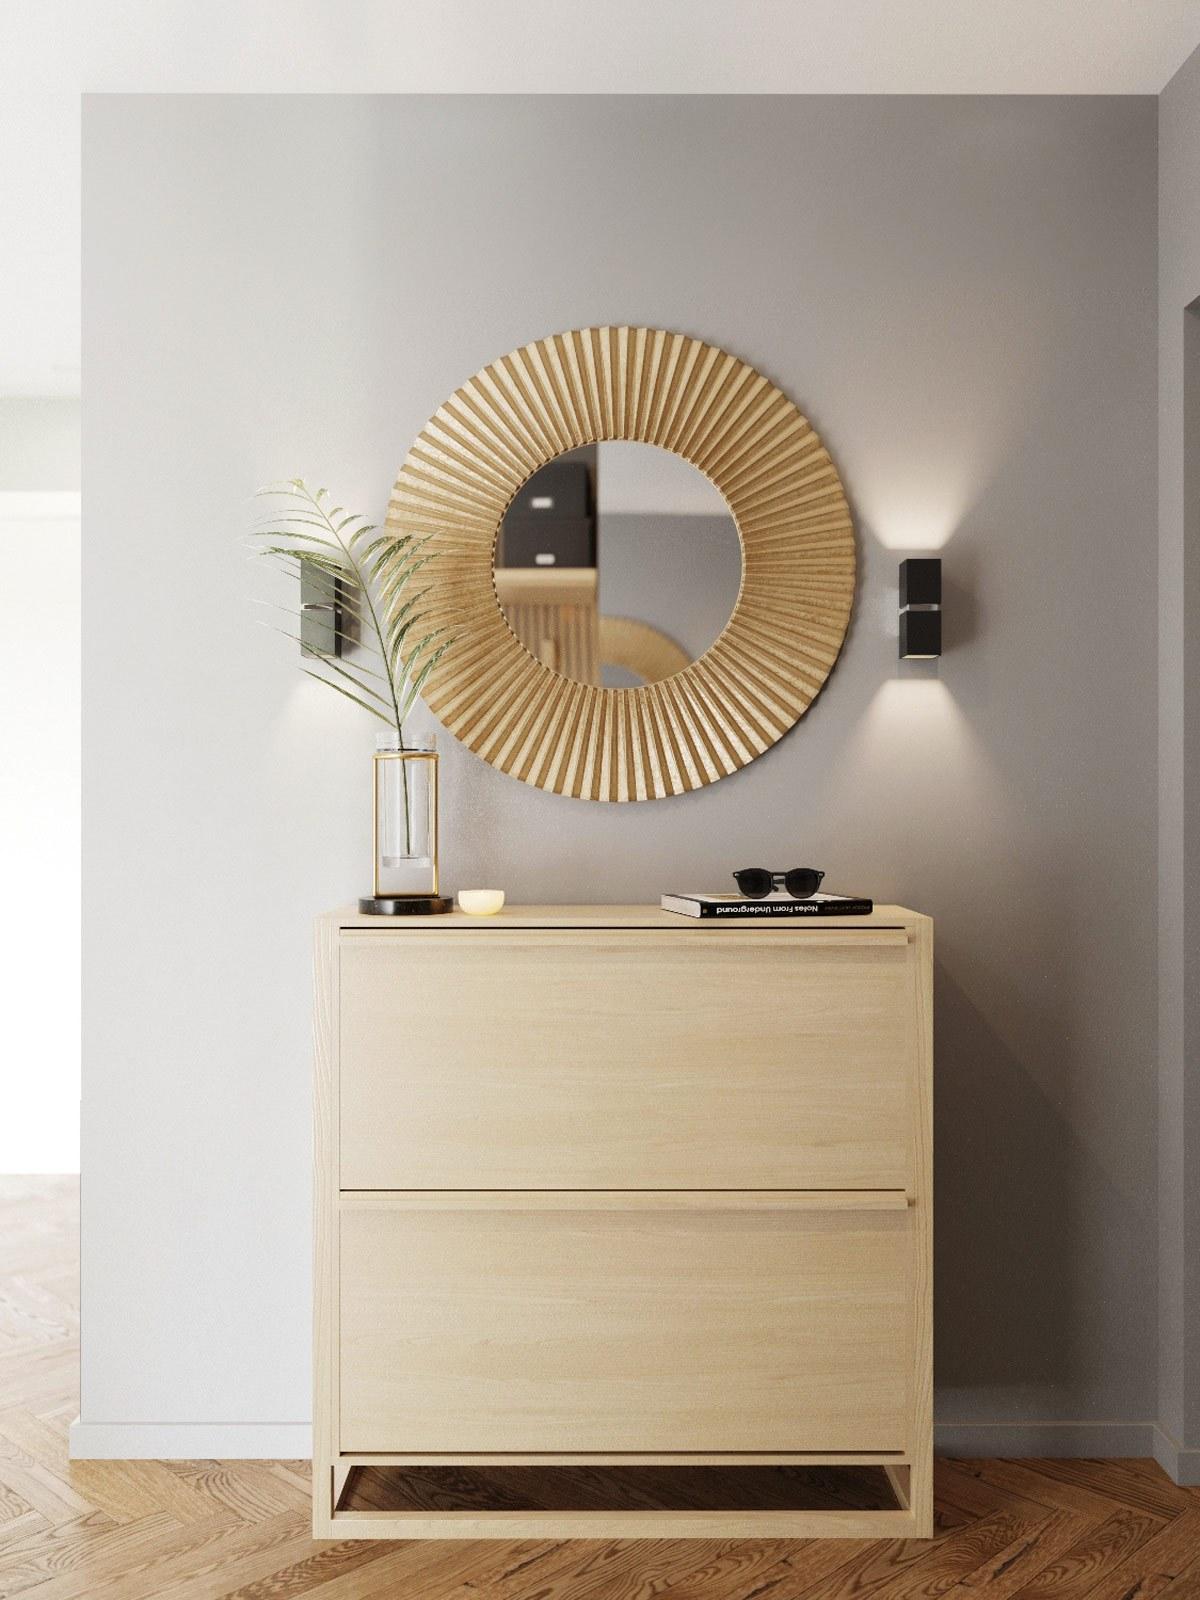 thiết kế nội thất tủ giầy căn hộ 69m2